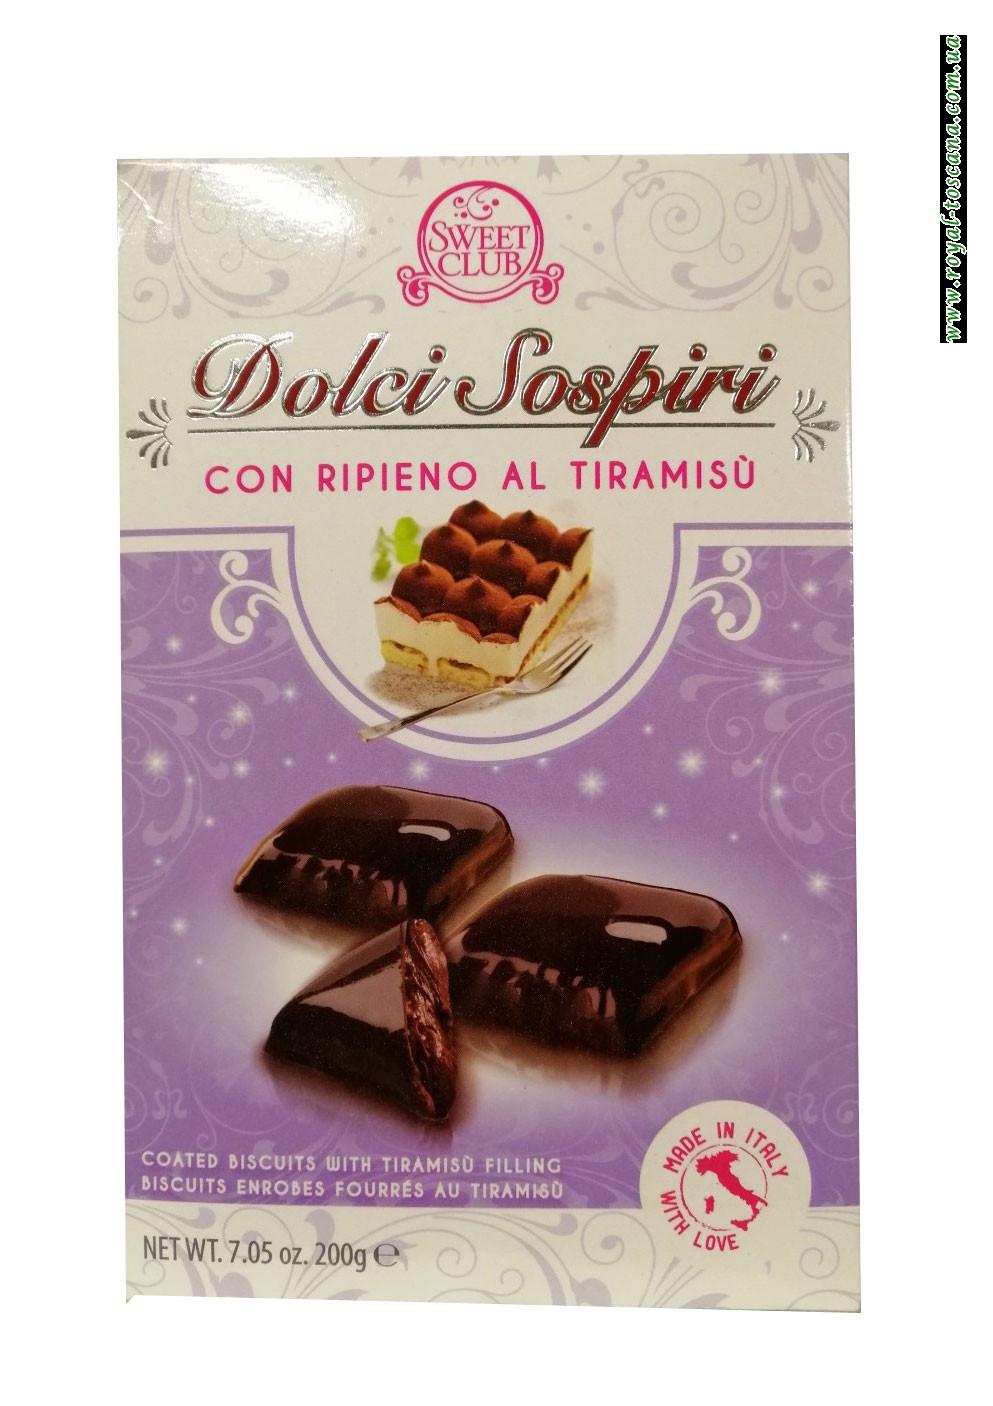 Шоколадное пирожное с тирамису Dolci Sospiri con Ripieno al Tiramisu